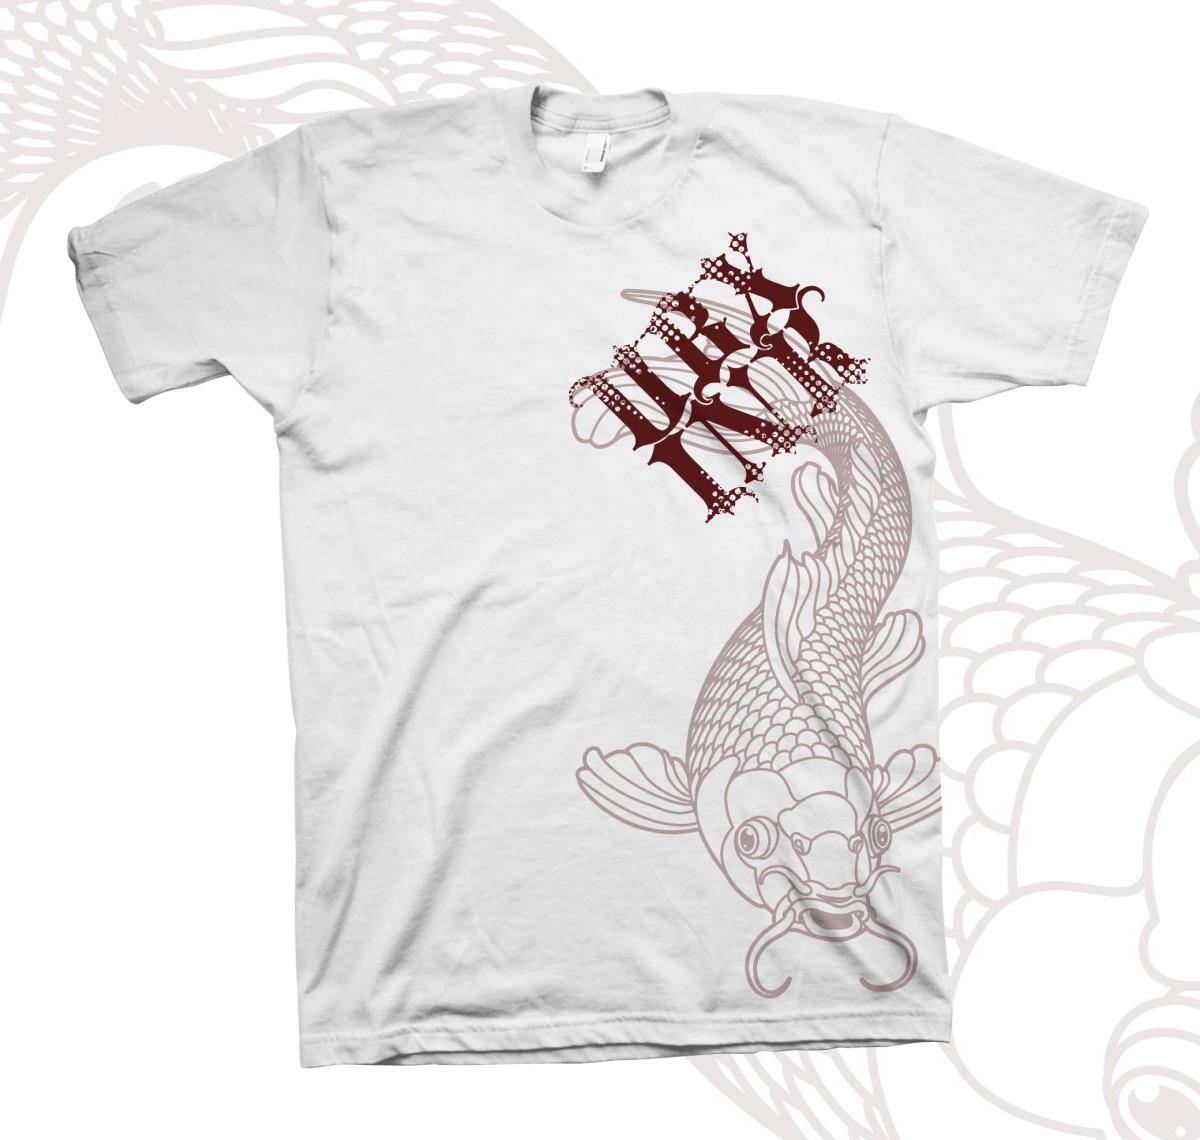 ubxink_shirt03.jpg